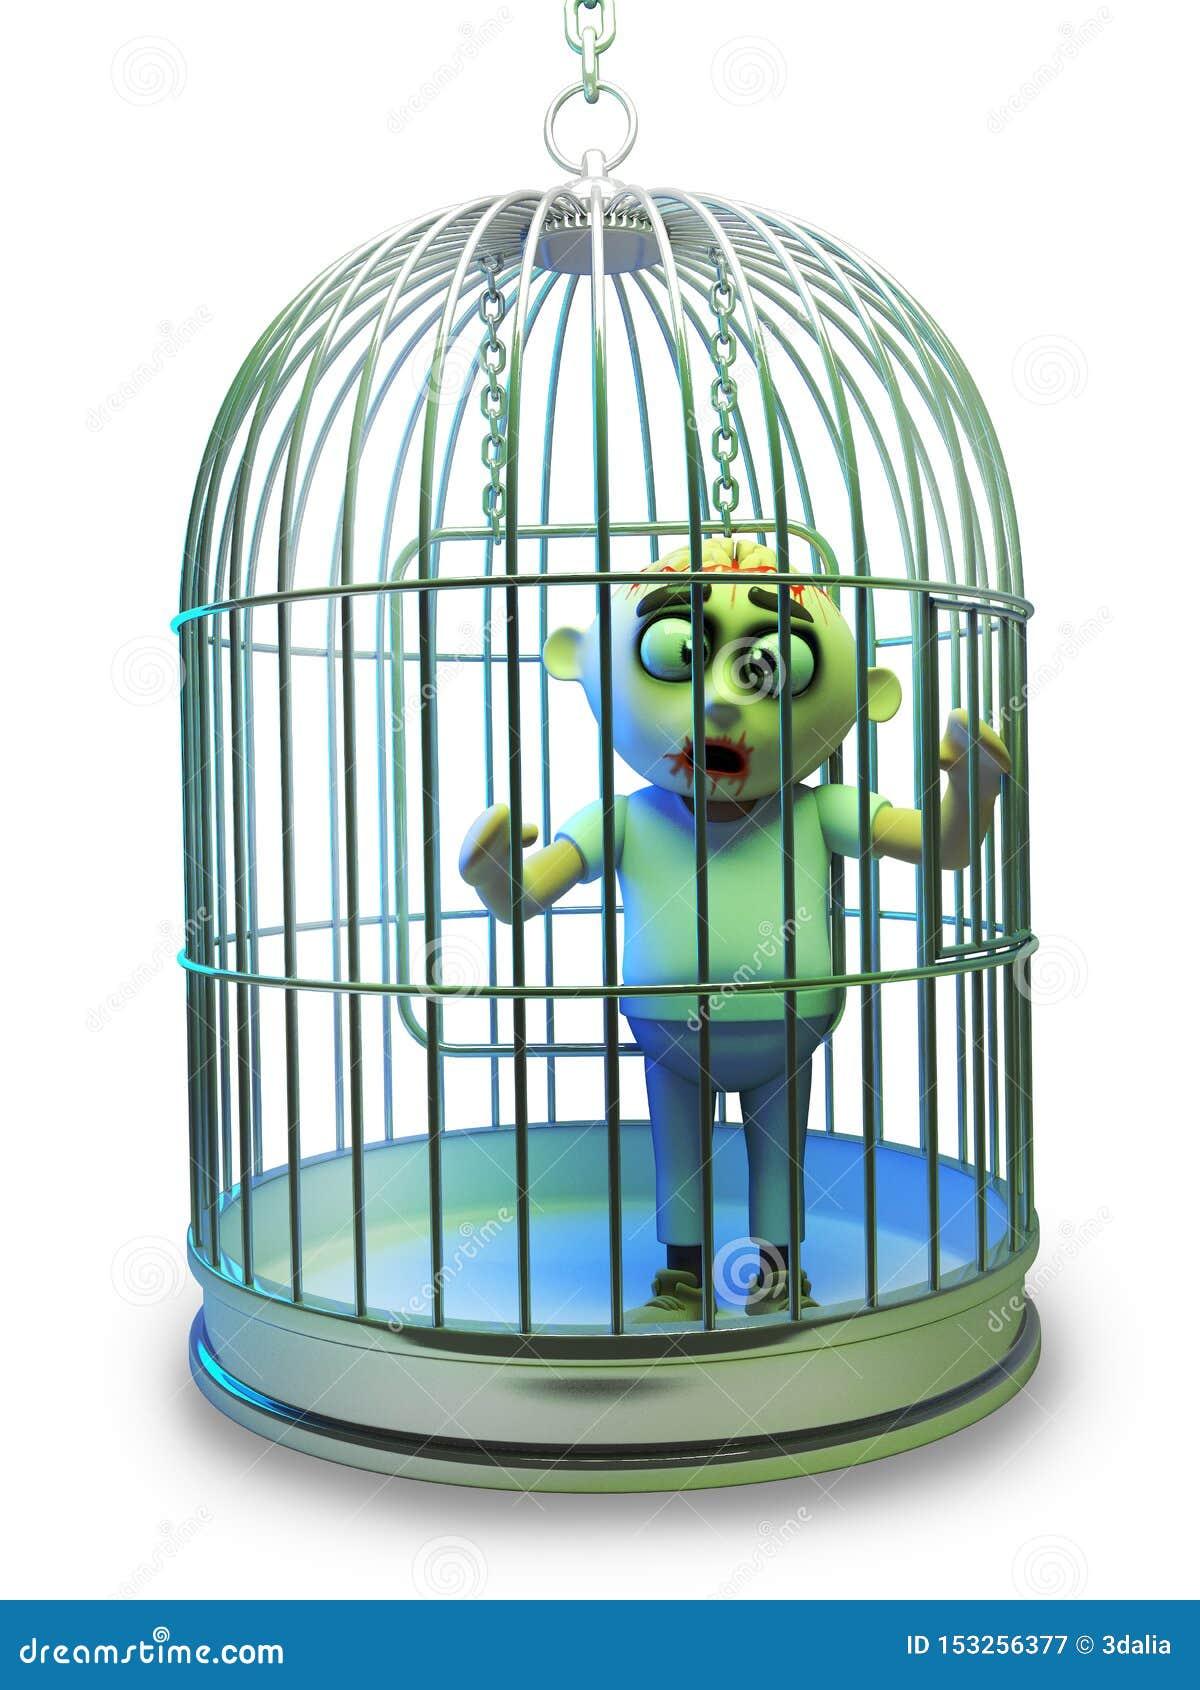 O monstro pobre do zombi de Dia das Bruxas foi prendido em uma gaiola de pássaro, ilustração 3d